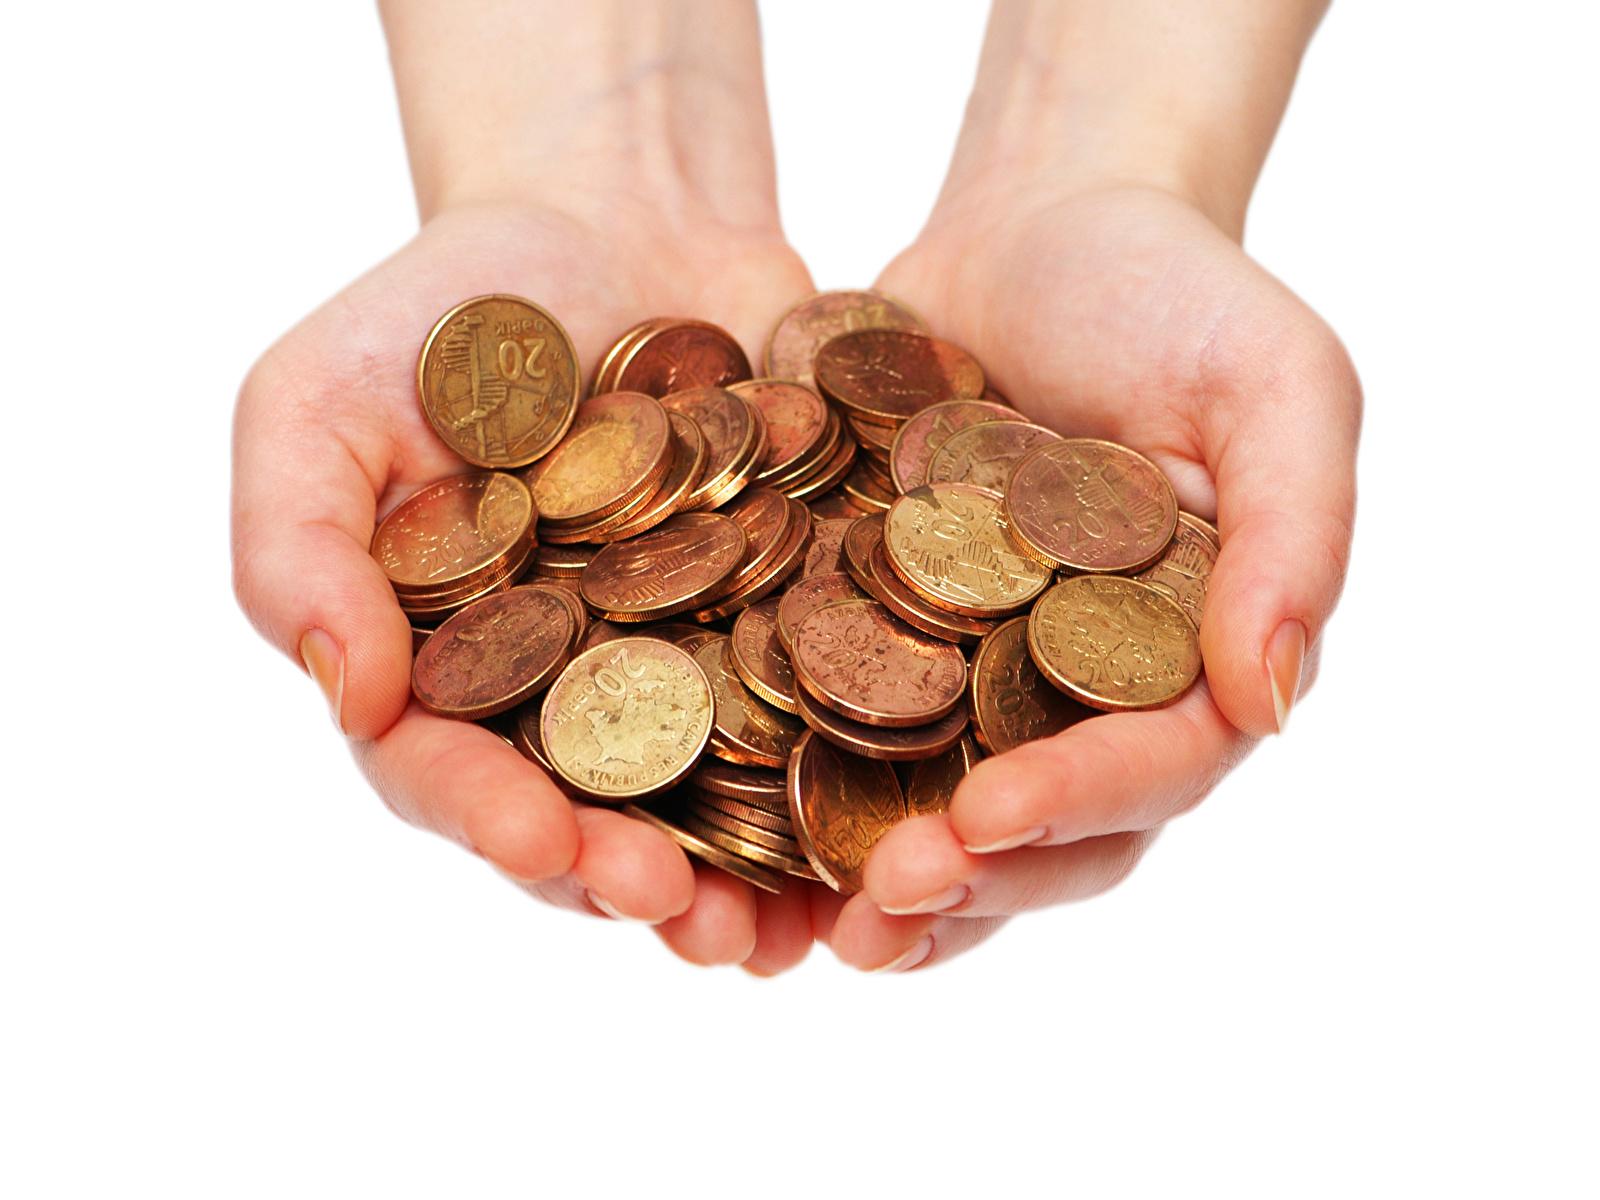 Fotos Münze Hand Geld Weißer hintergrund 1600x1200